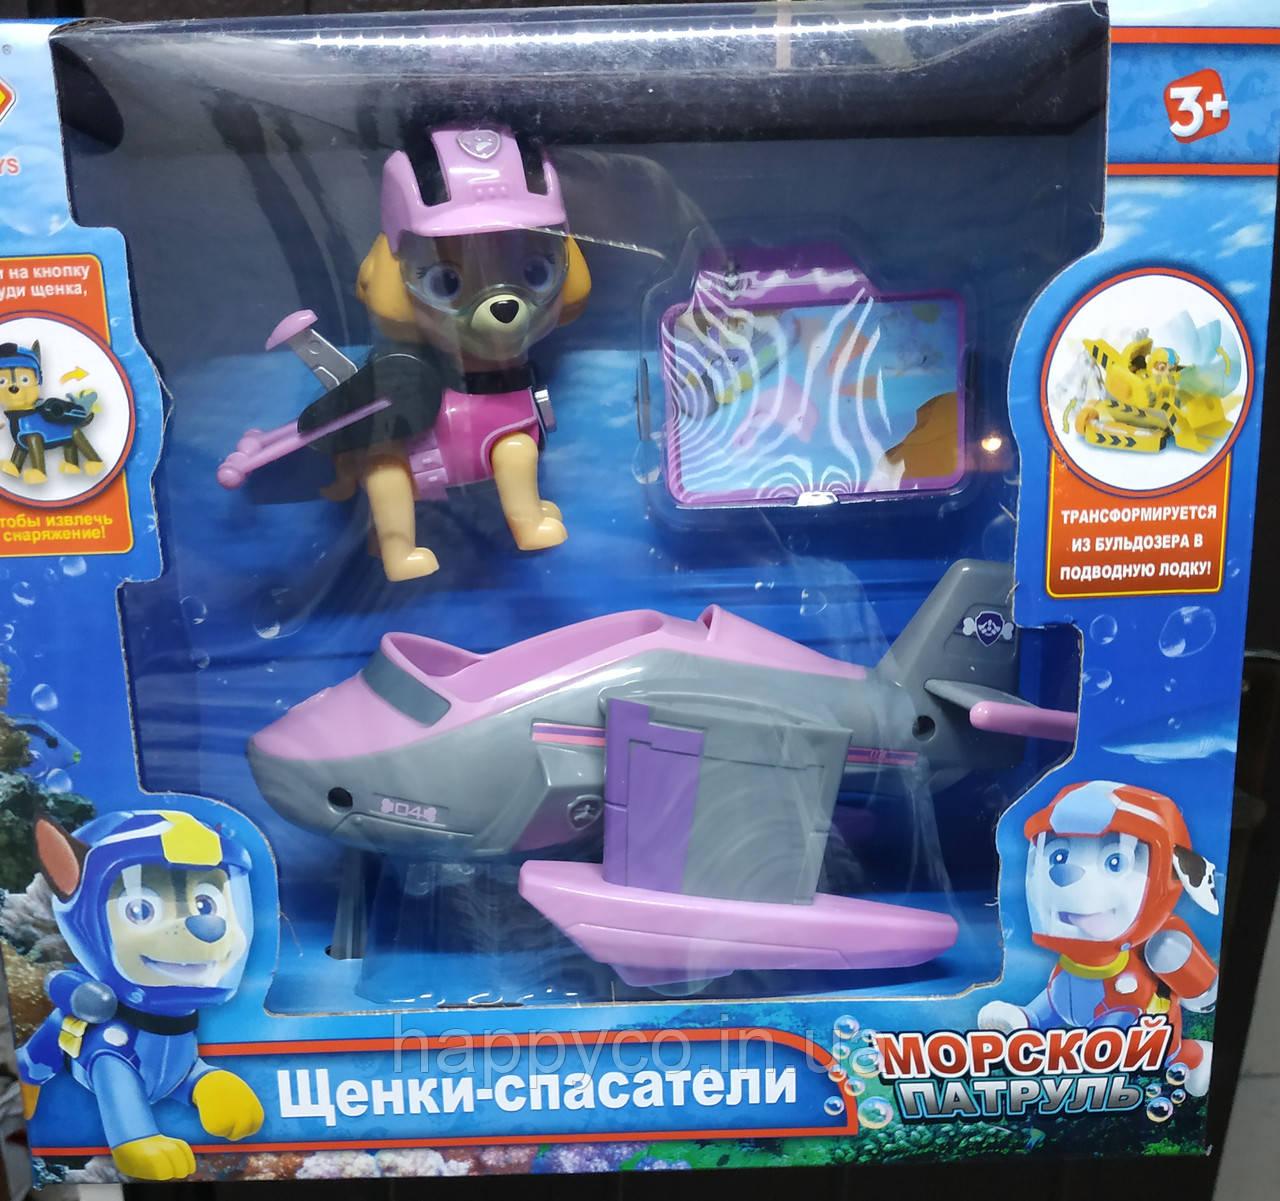 Герои Морской патруль, свет, звук, открывается рюкзачок,  Скай ,детская игрушка